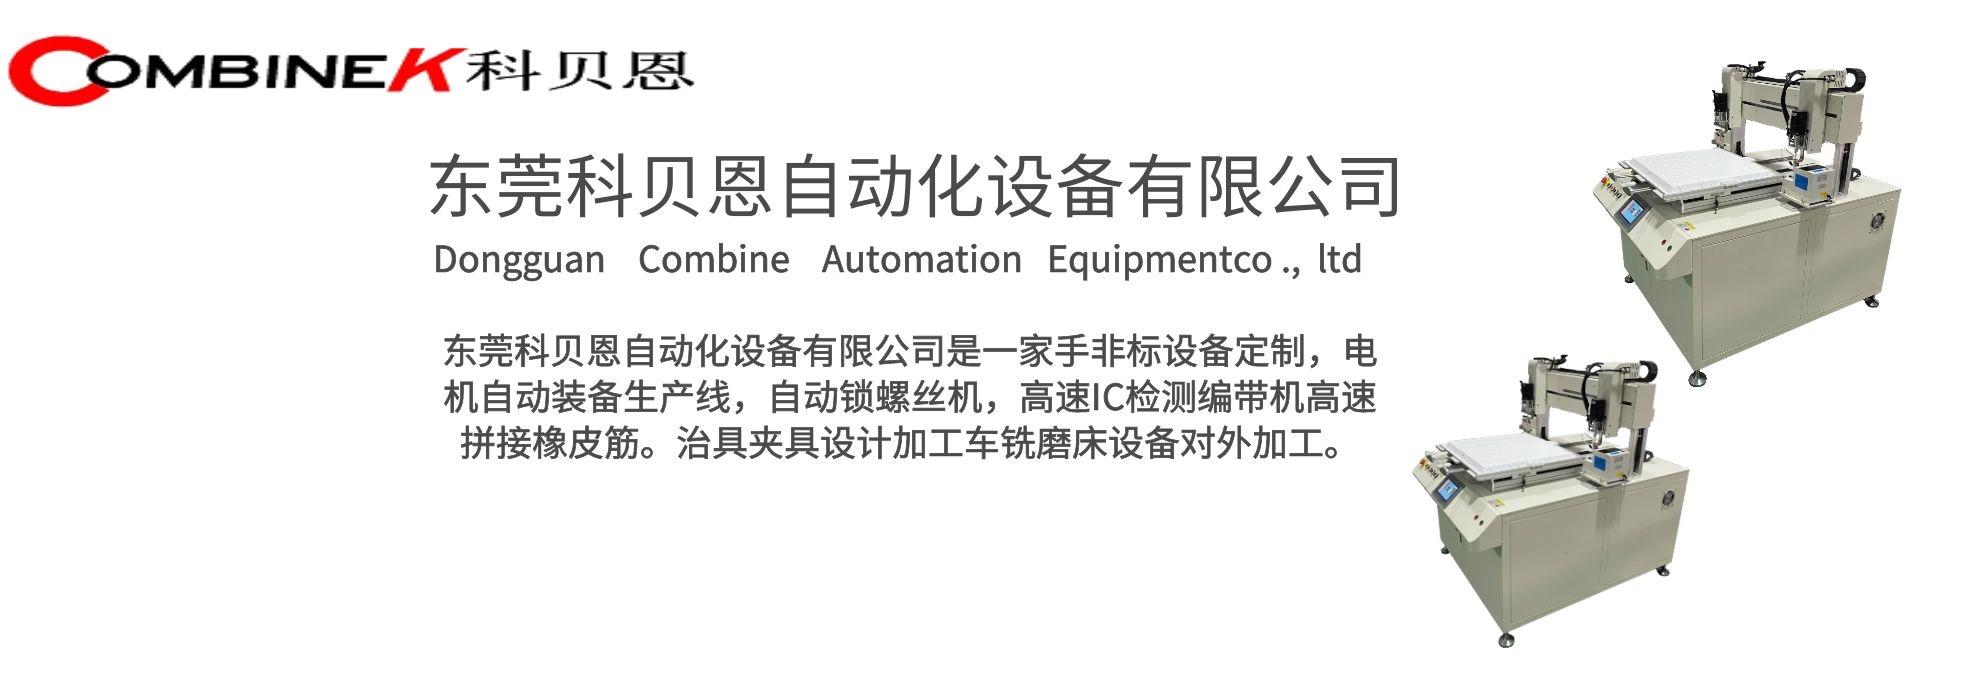 多轴自动锁螺丝机,自动螺丝机